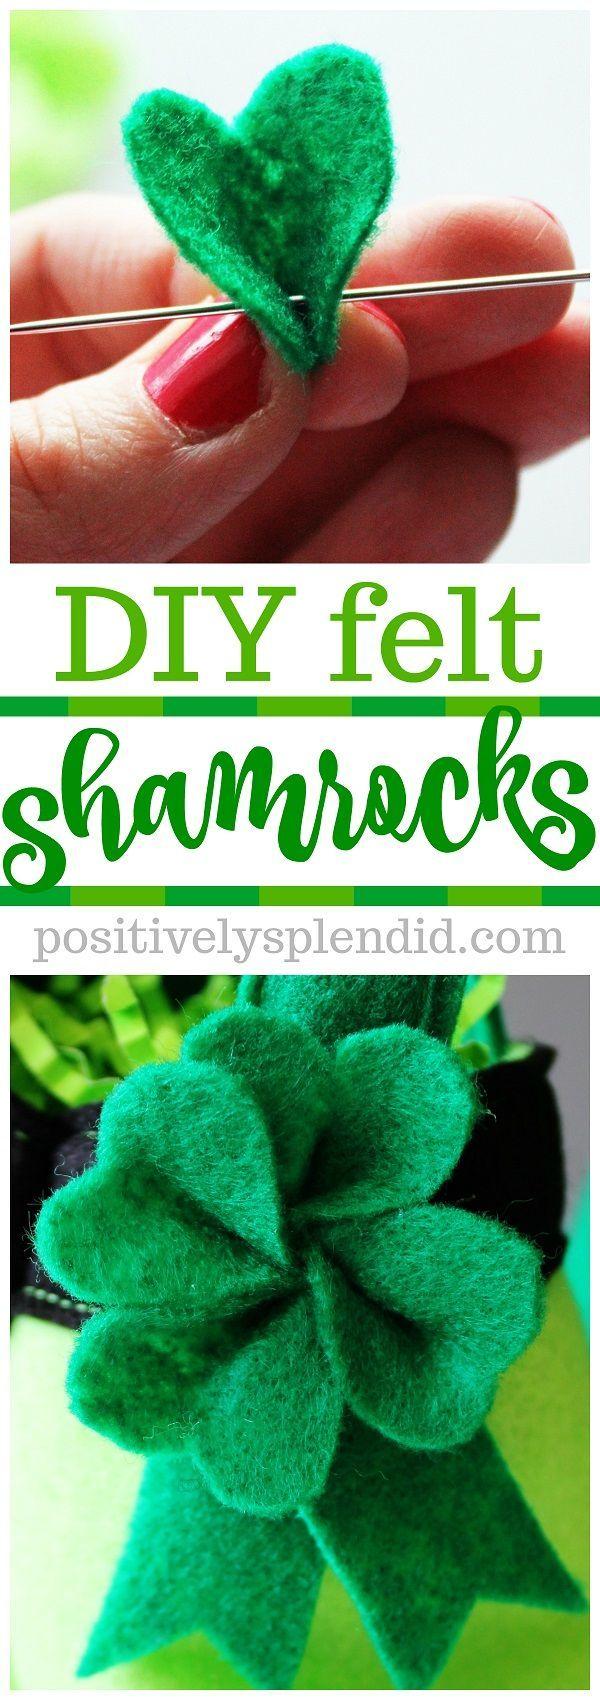 Tutorial: Felt St. Patrick's Day shamrocks